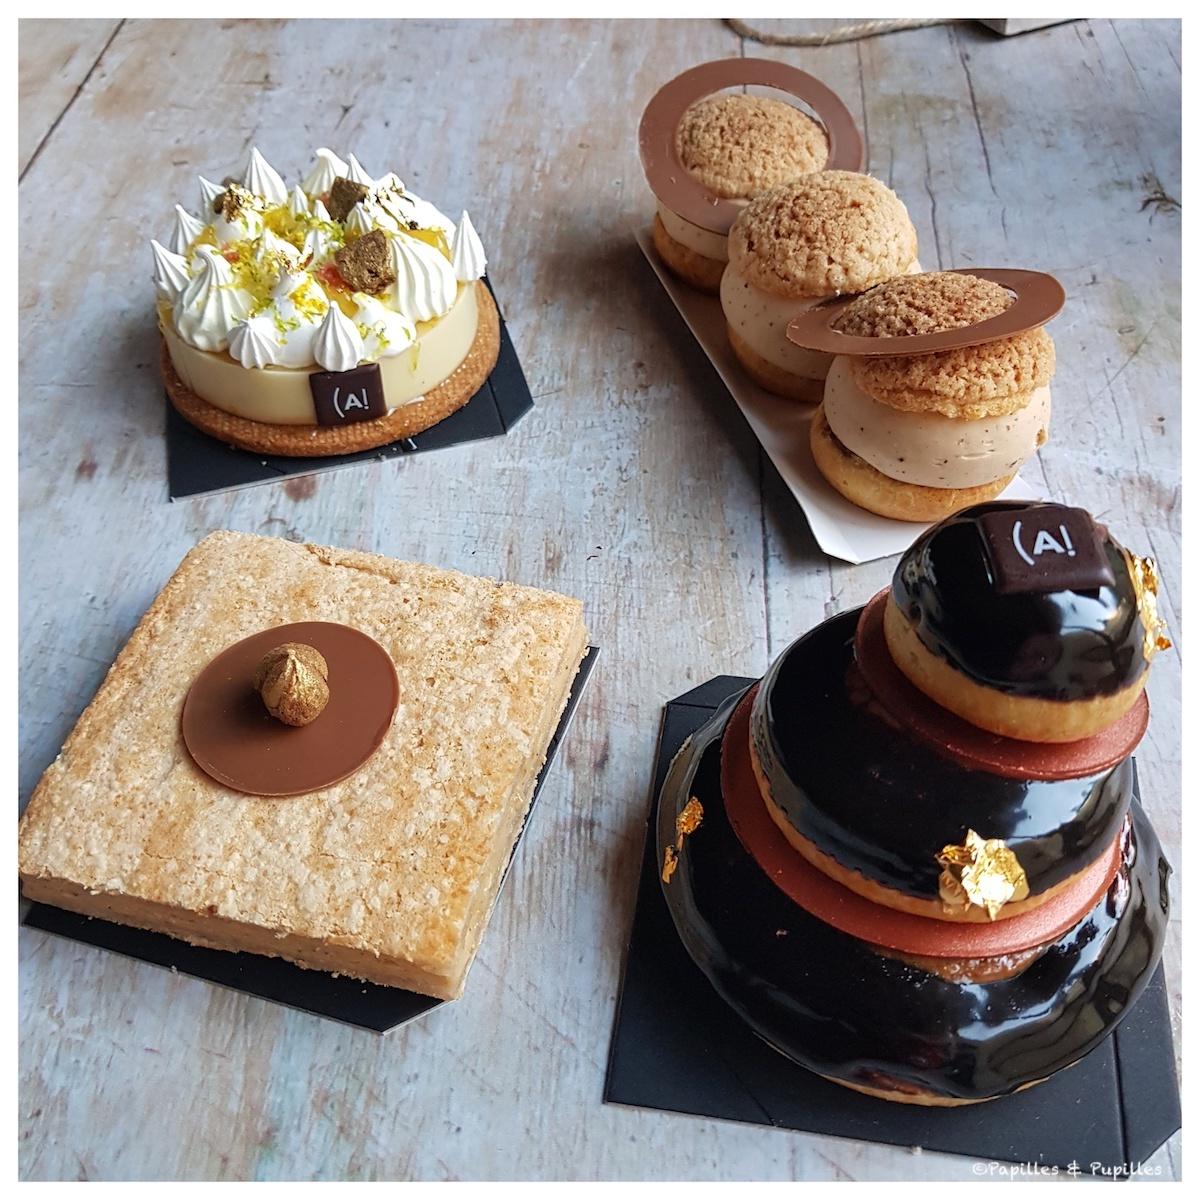 Gâteaux - Pâtisserie de famille